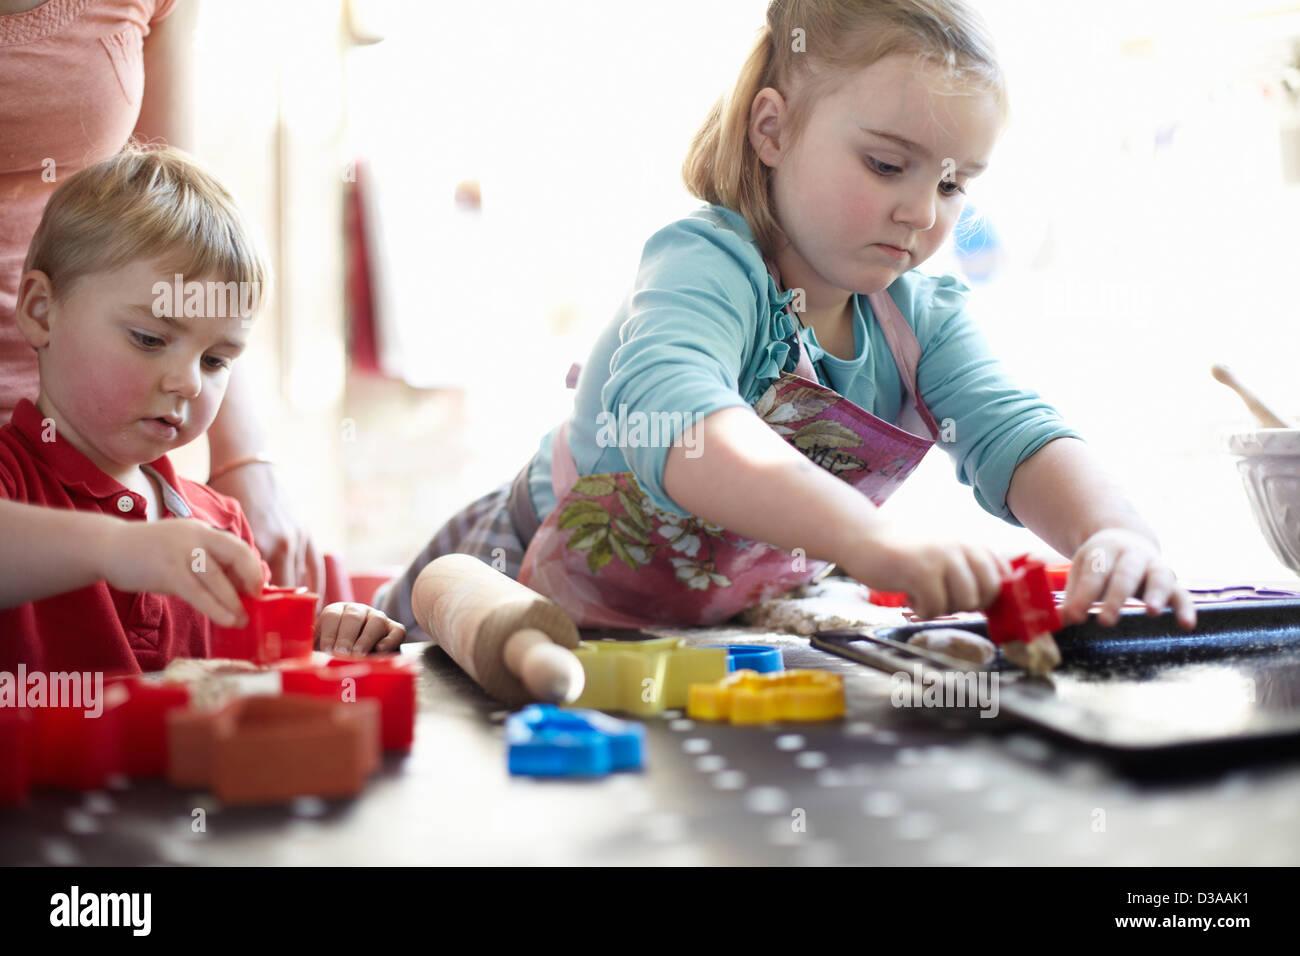 Kinder spielen mit Formen auf Tisch Stockbild